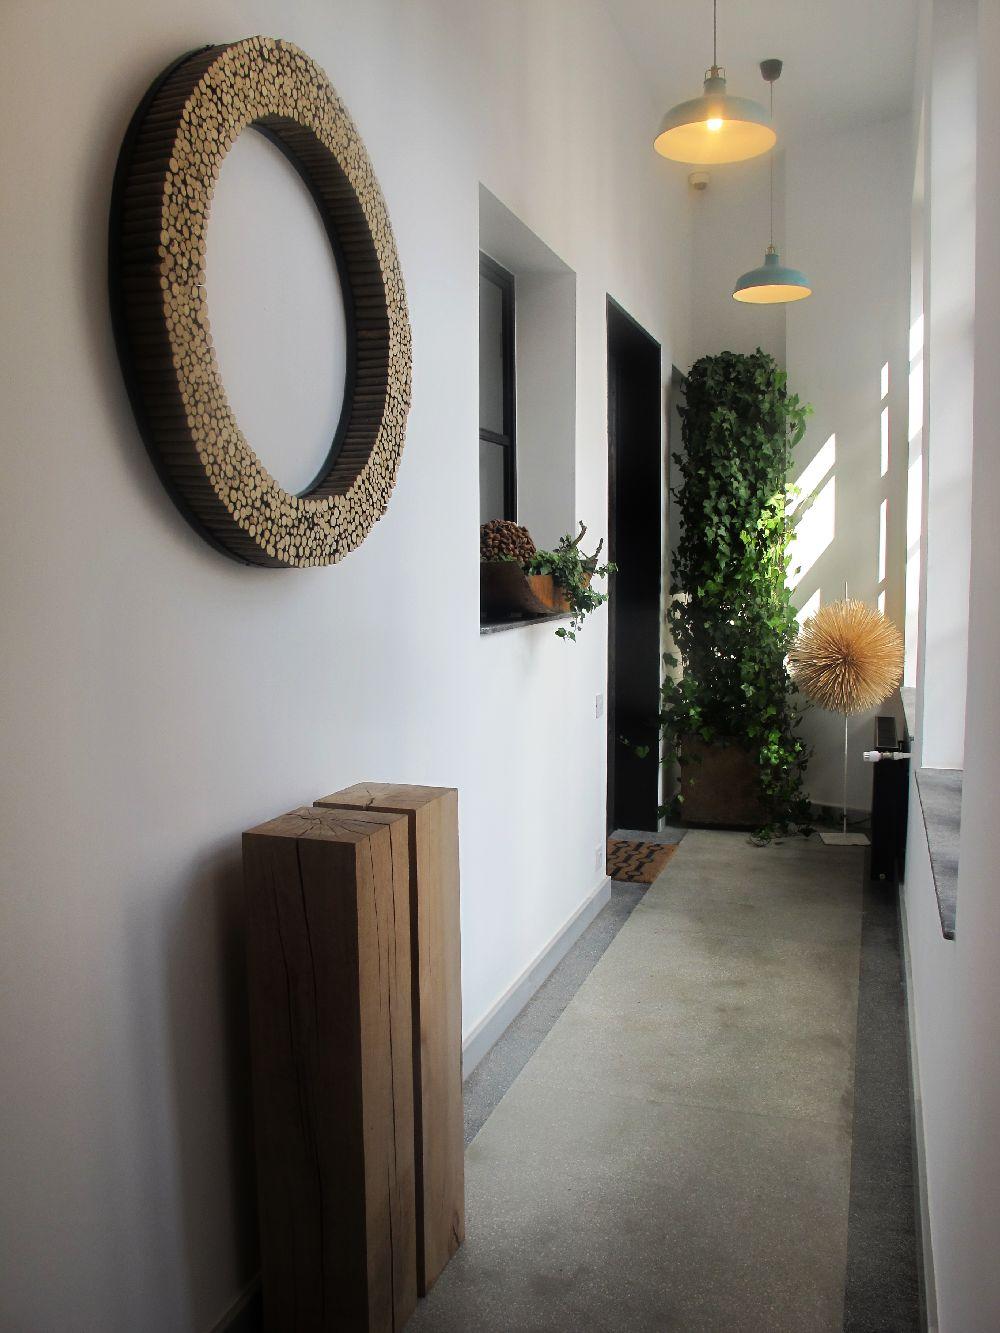 adelaparvu.com despre atelierul designerului florist Nicu Bocancea, Foraria Iris, design interior Pascal Delmotte (47)